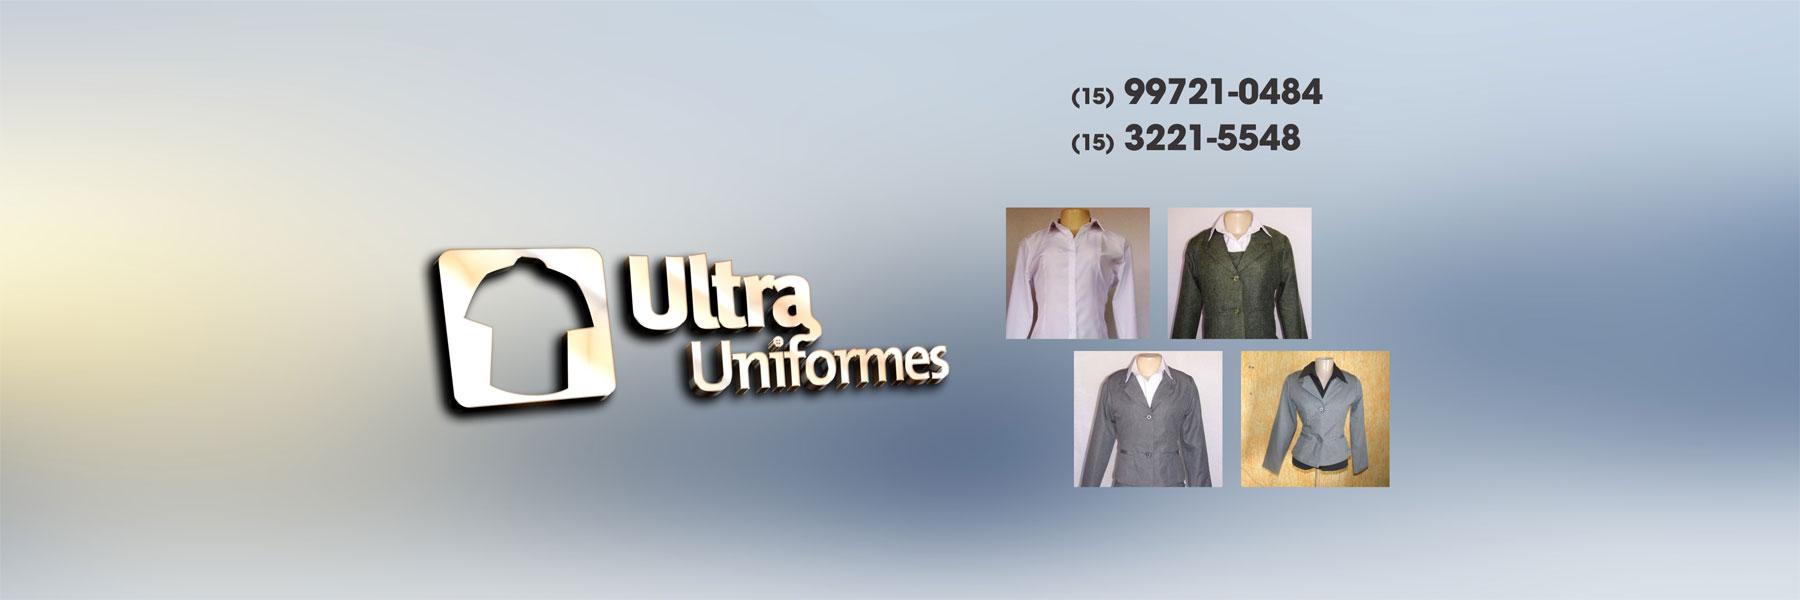 Uniformes Sociais como Jalecos, Calças, Camisas Sociais, Camisetes, entre outros